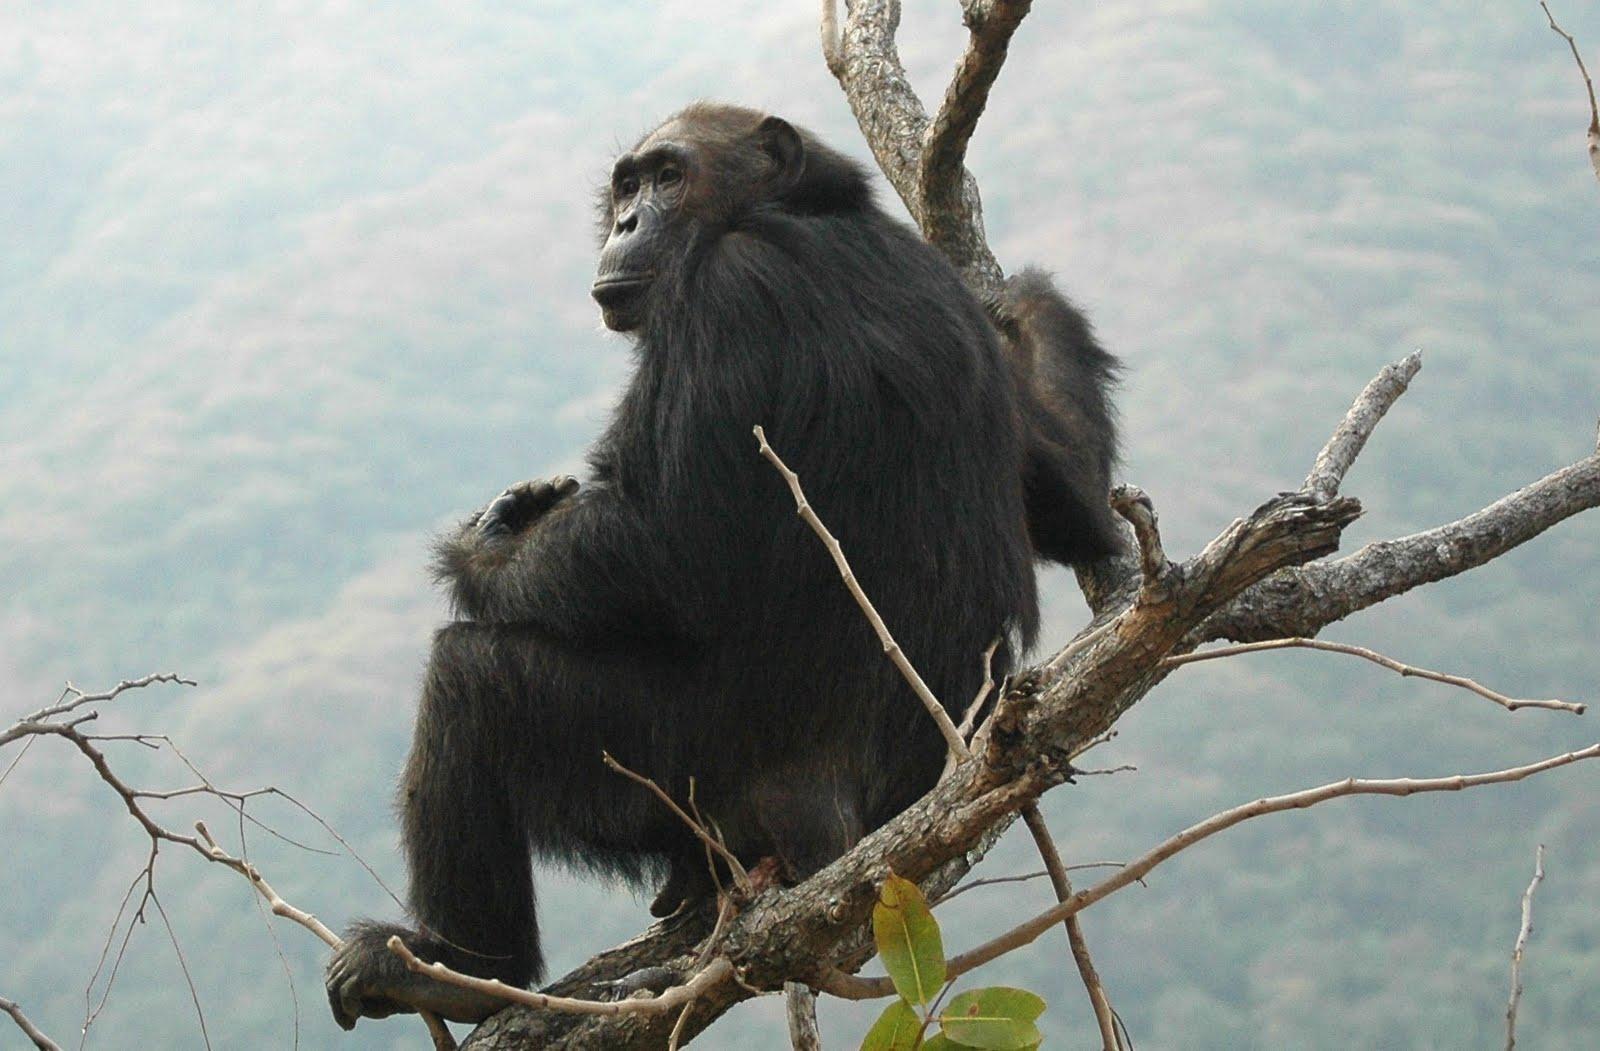 Chimpanzee Endangered